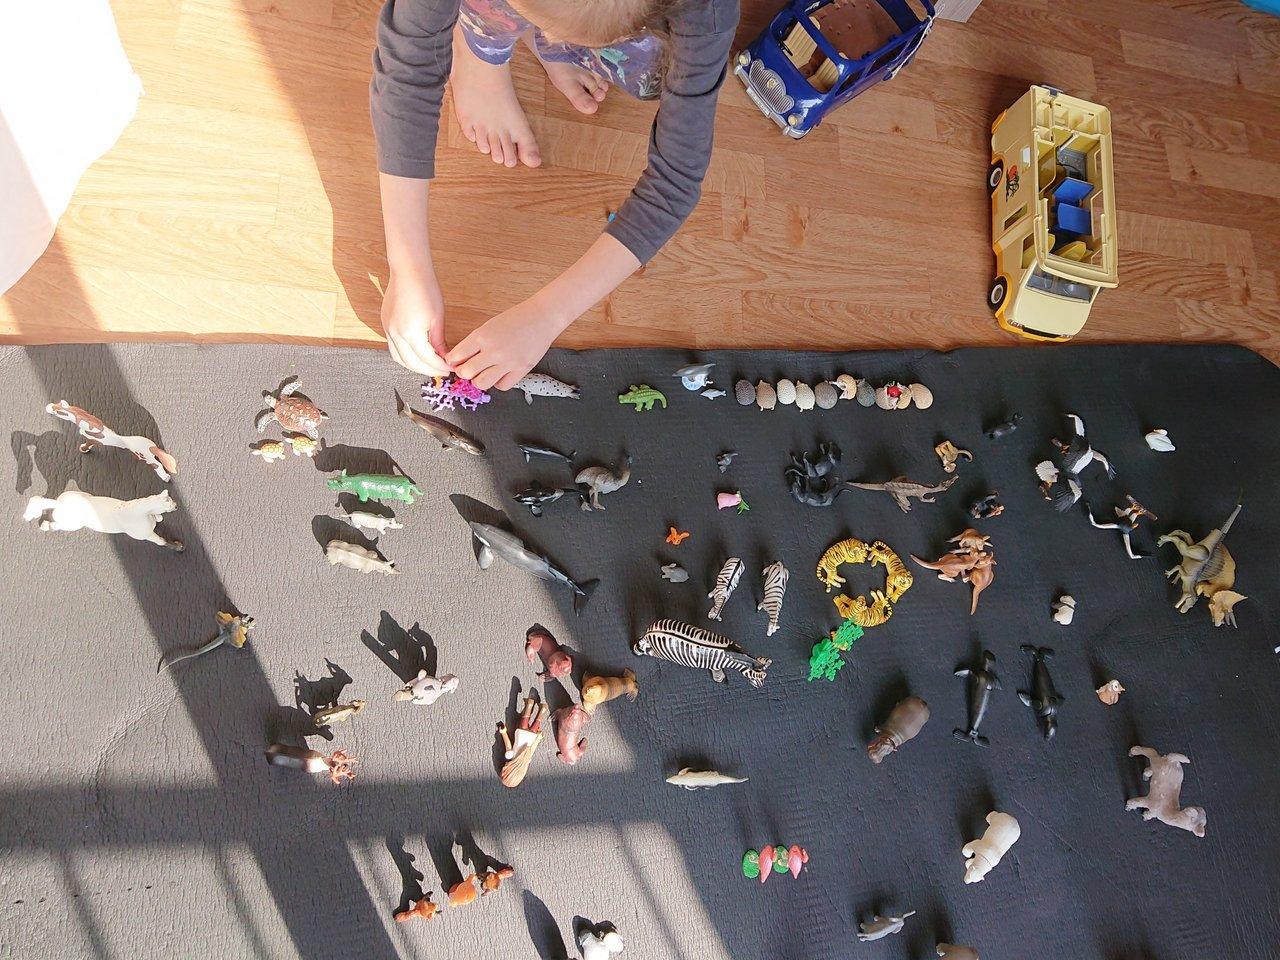 自粛生活下での散らかり問題。5~6歳児と考えるストレスフリーな片付け